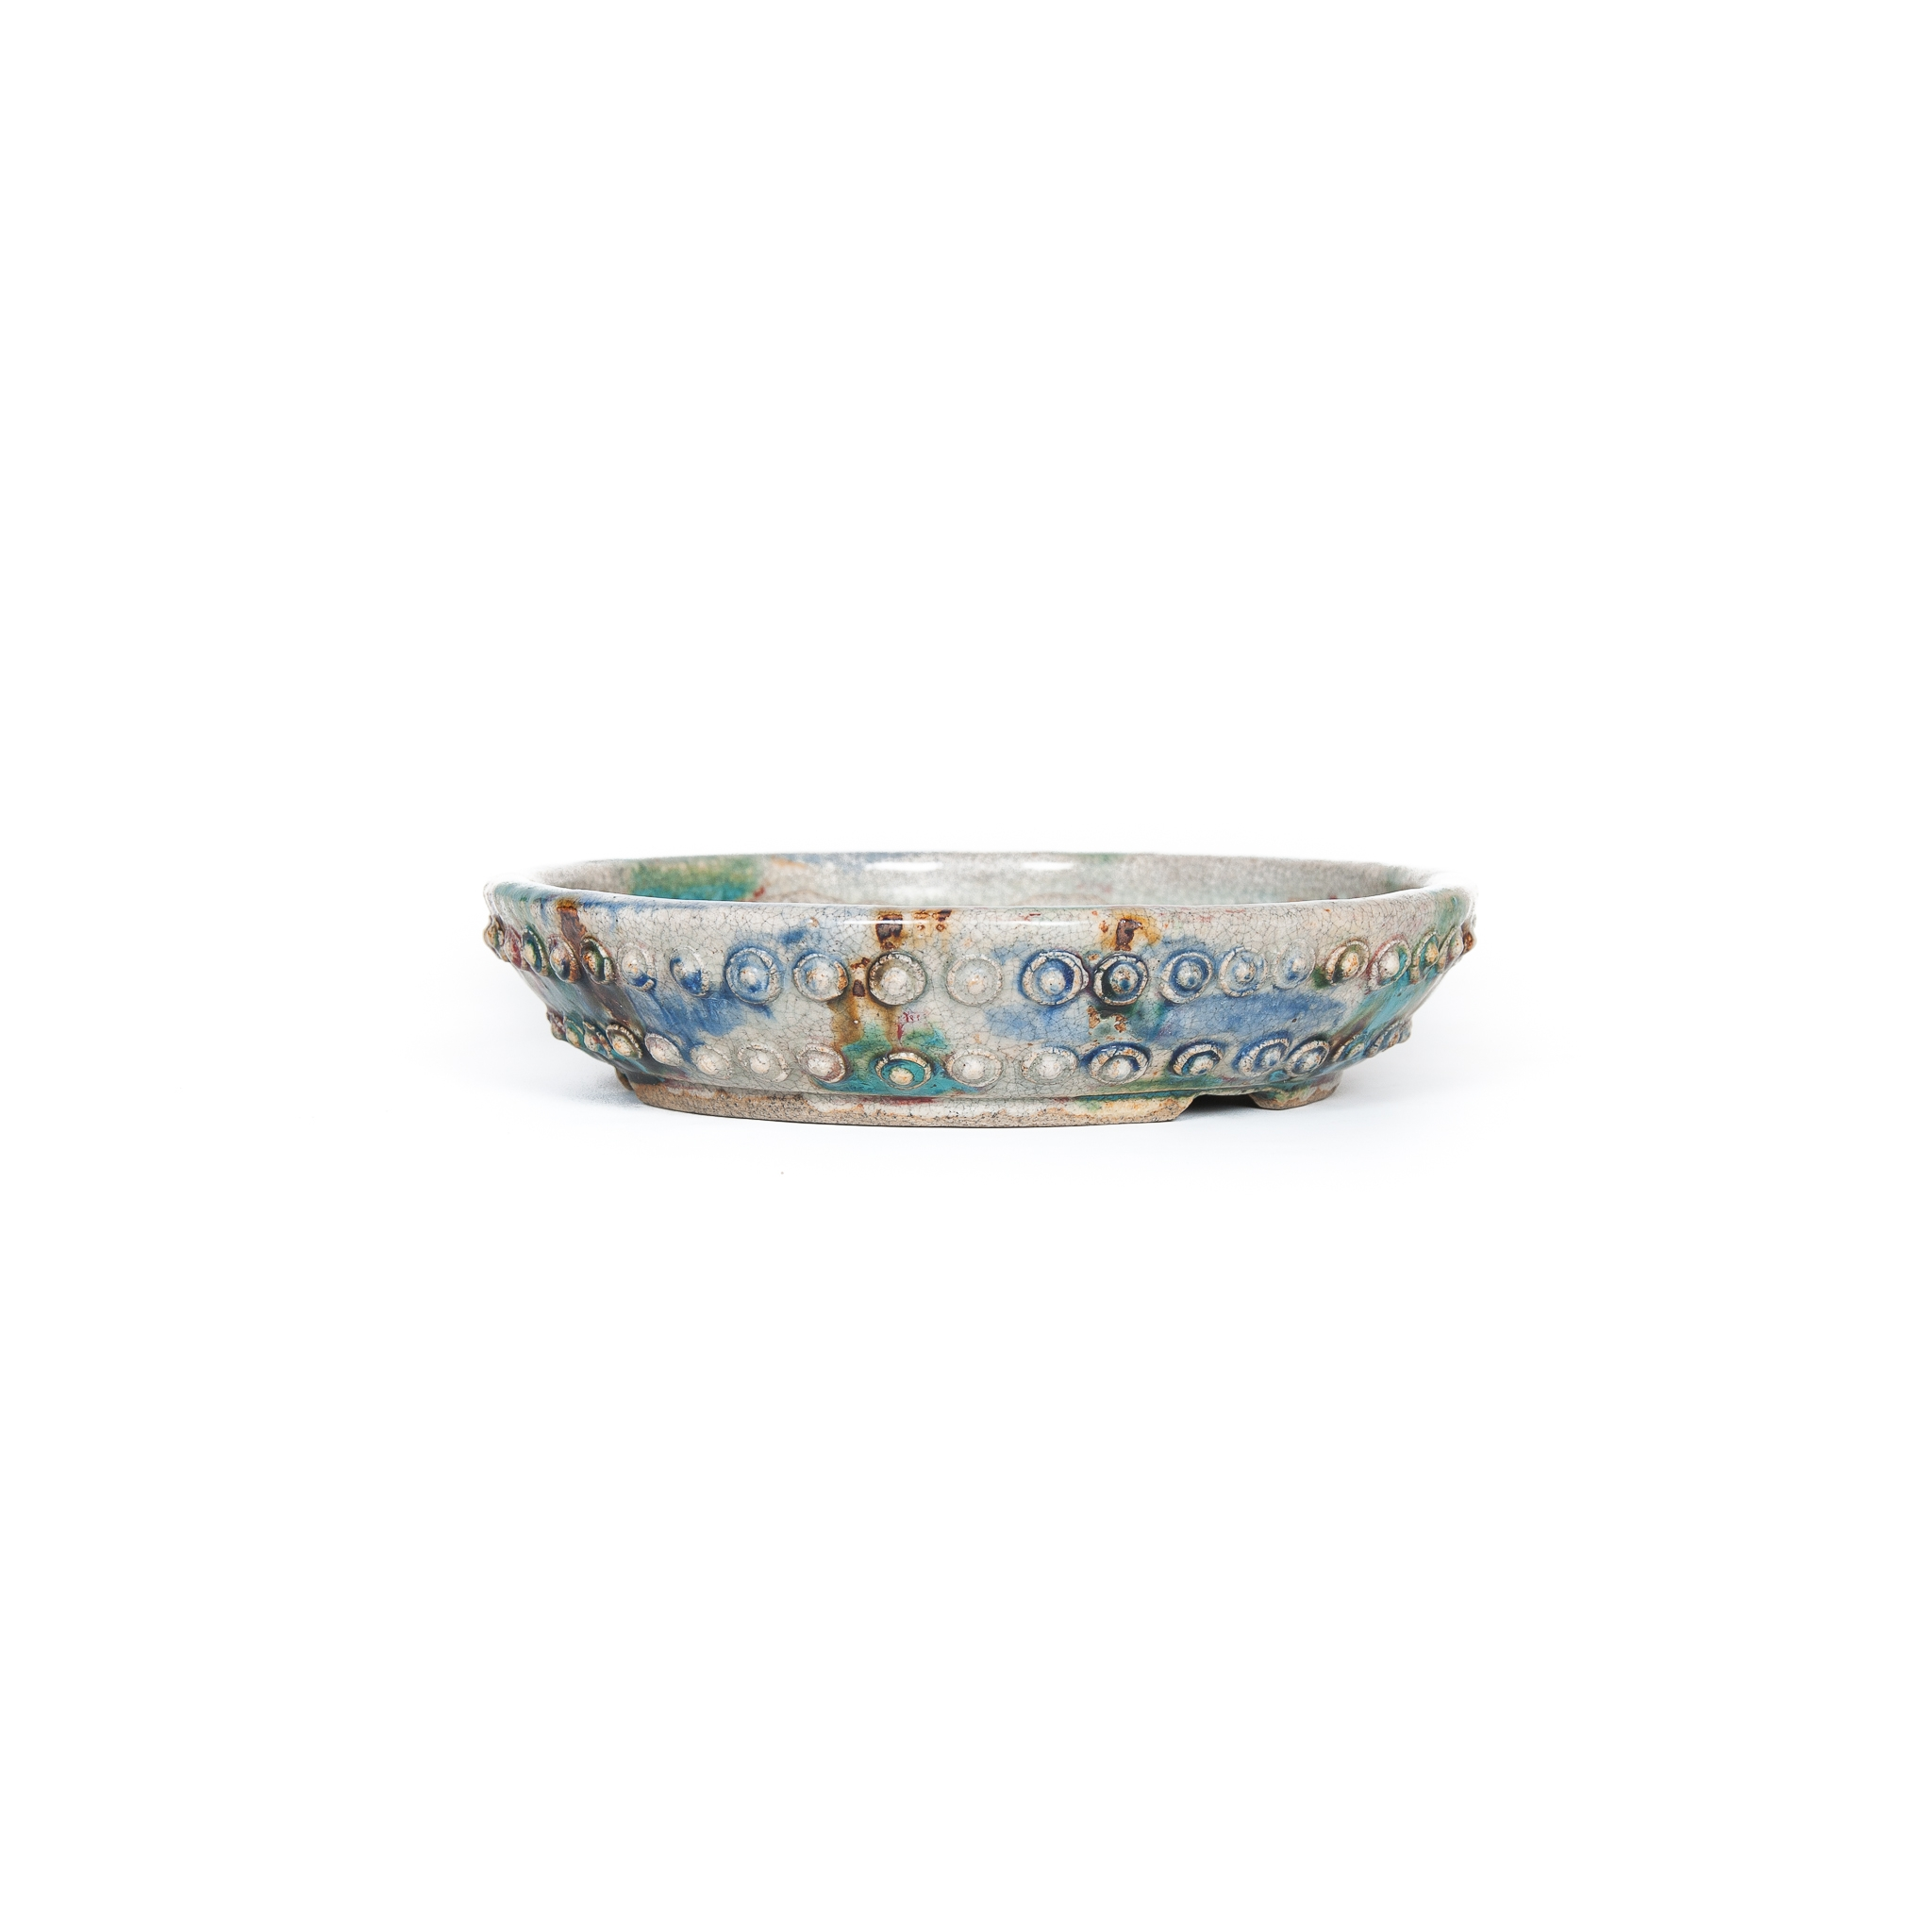 Bonsai Pot Bunzan Used